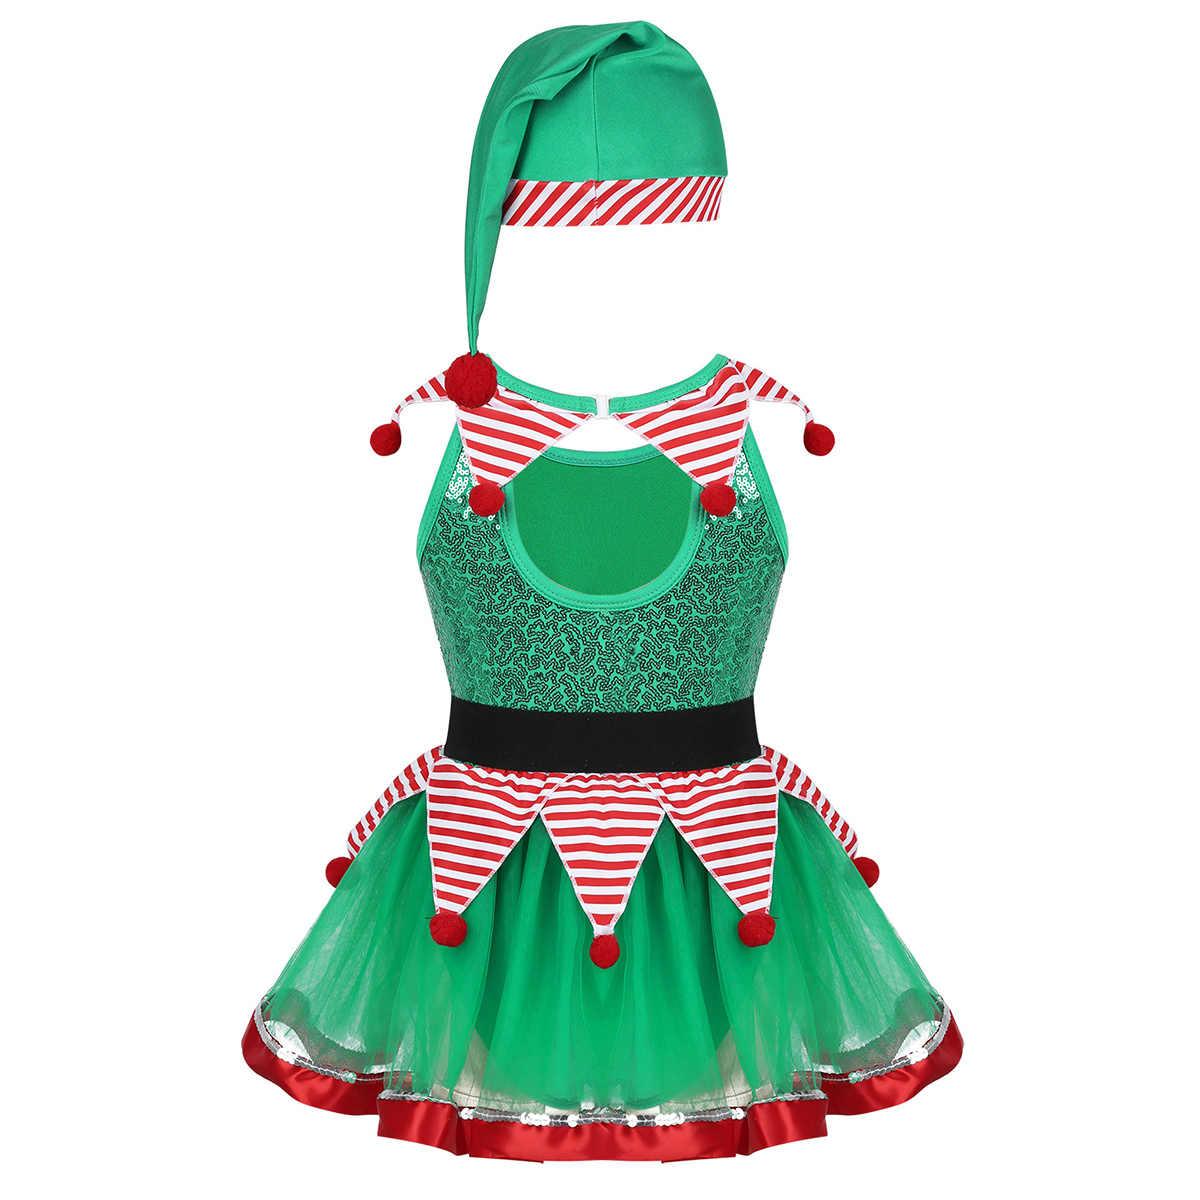 IEFiEL dla dzieci dziewczyny boże narodzenie bajki ducha Dancewear gimnastyka Ballroom Party kostiumy sceniczne w paski Tutu strój kąpielowy sukienka z kapelusz